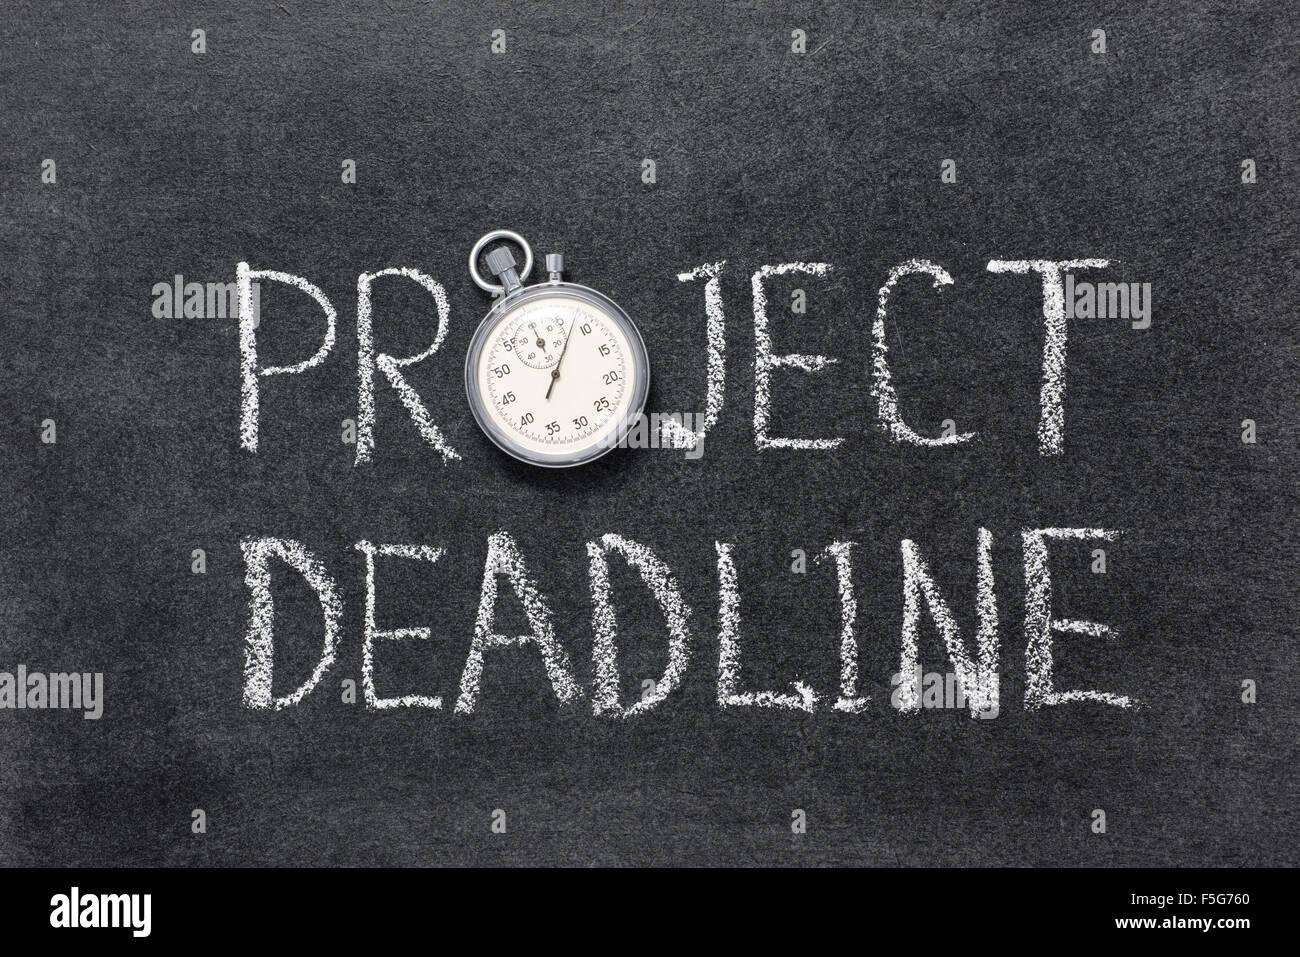 La scadenza di un progetto una frase scritta a mano sulla lavagna con vintage cronometro preciso utilizzato al posto Immagini Stock